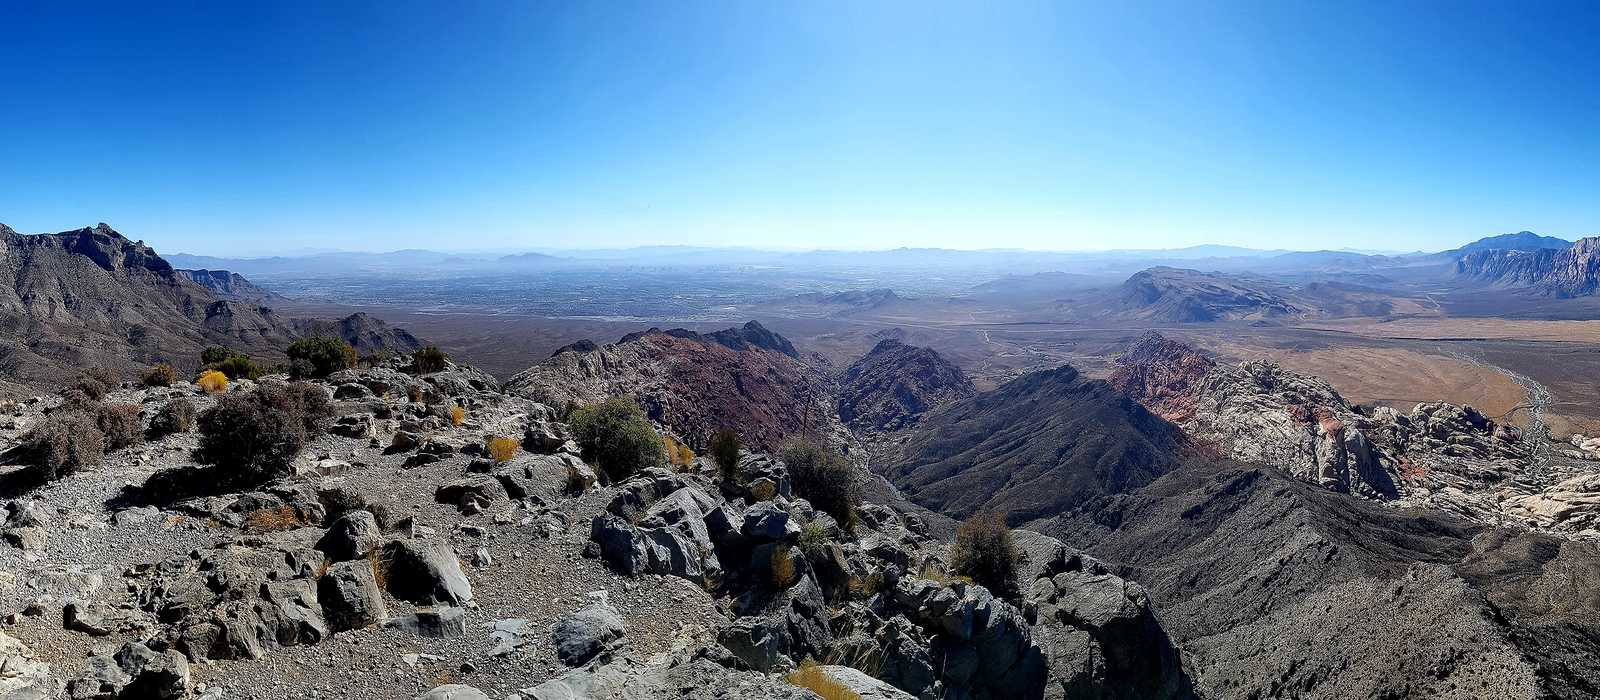 Blick vom Turtlehead Peak